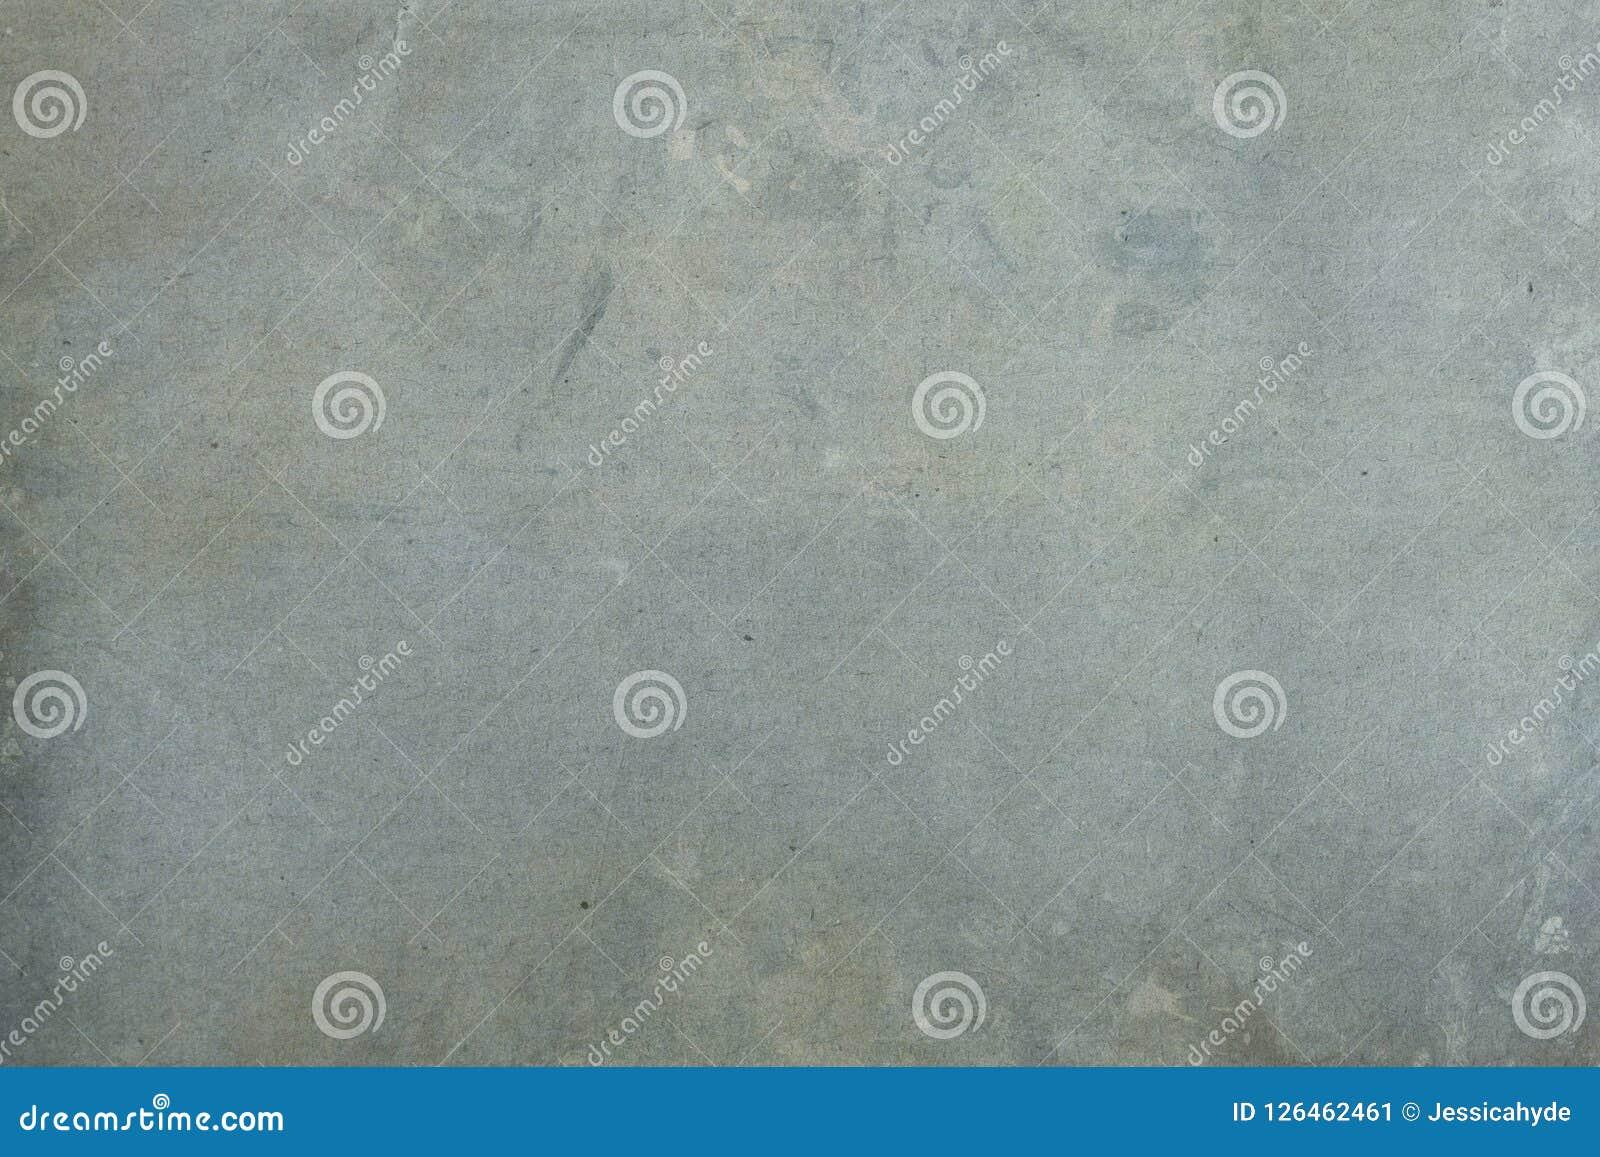 Blå grungy textur eller bakgrund för kraft papper